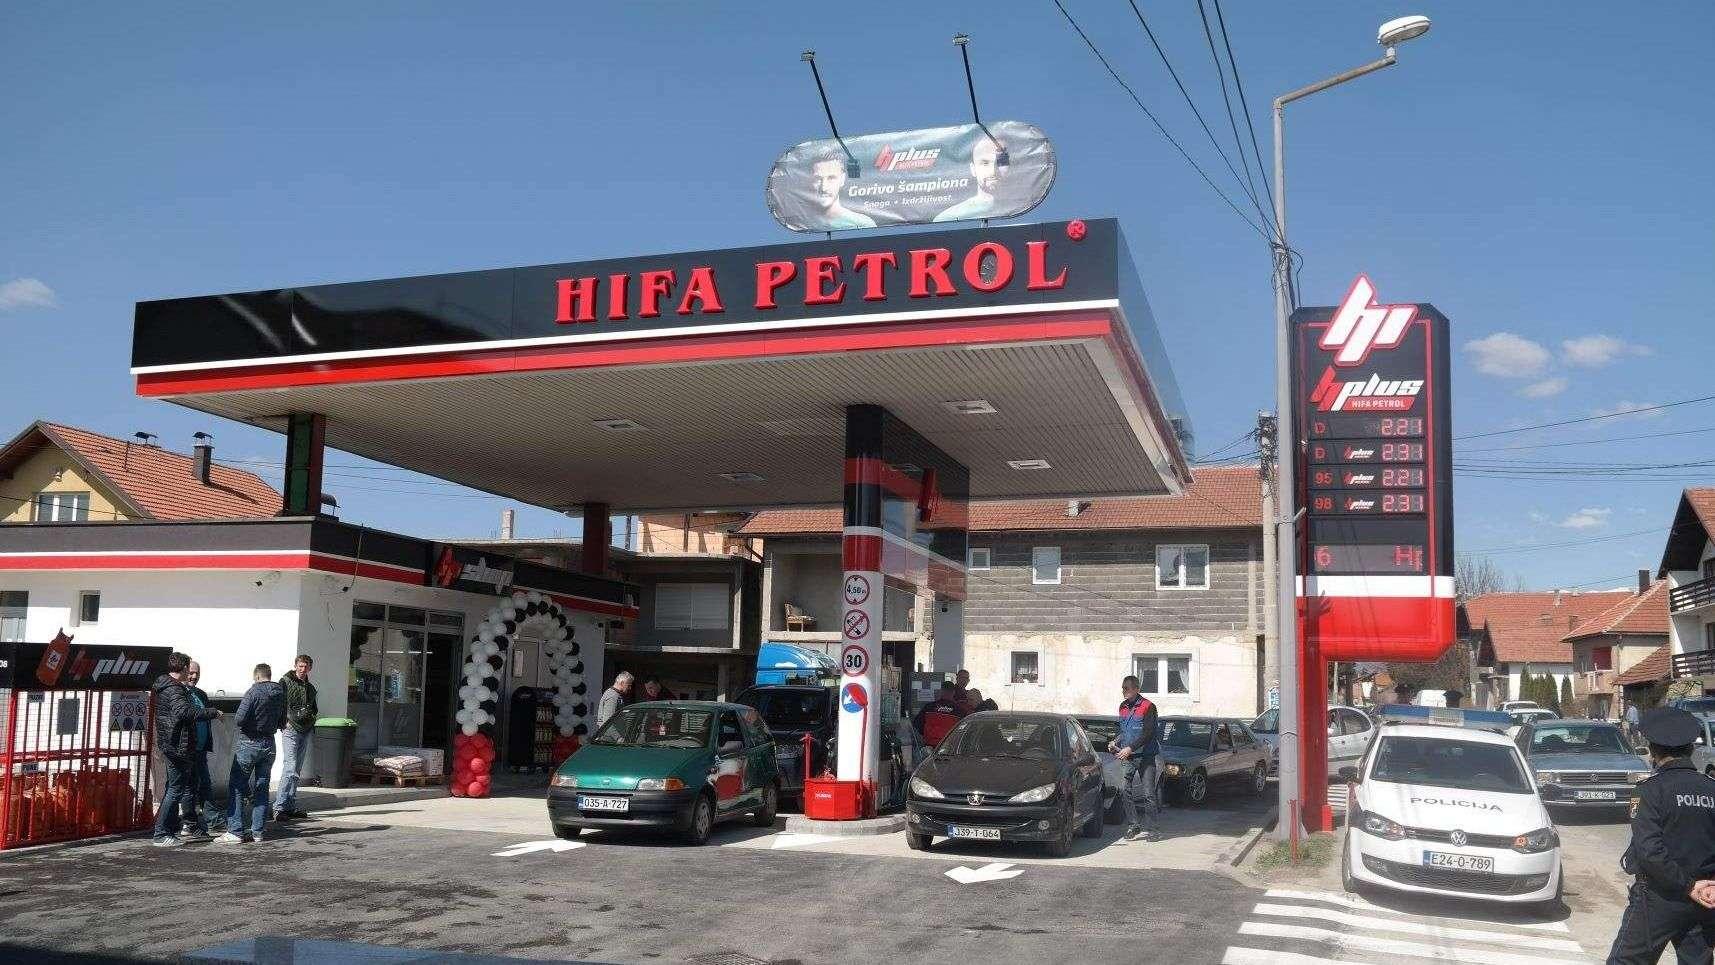 Prilika za posao: Hifa Petrol zapošljava!